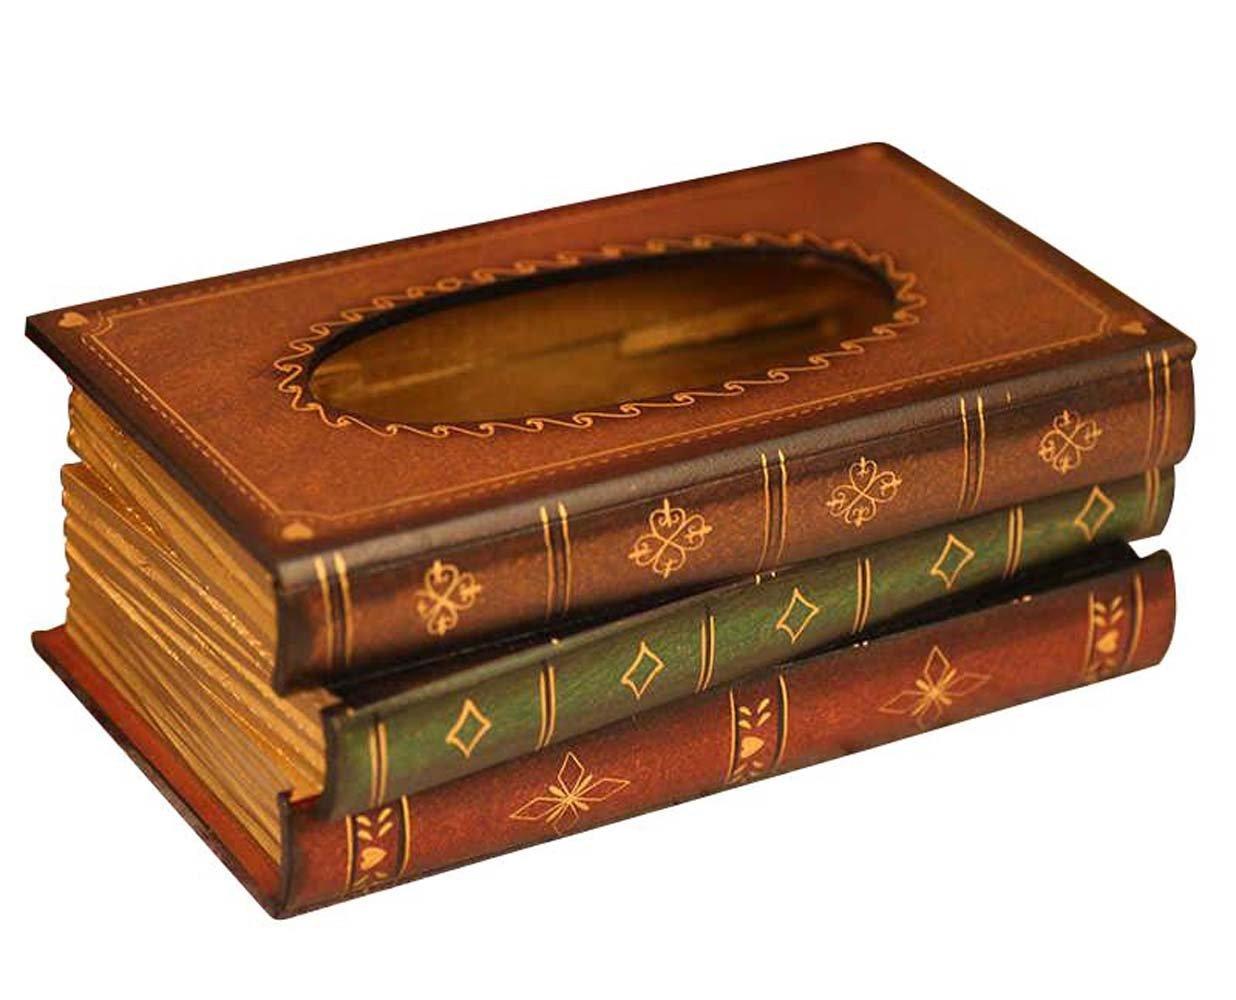 Tosnail Elegant Wooden Antique Book Tissue Holder Dispenser/Novelty Napkin Holder by Tosnail